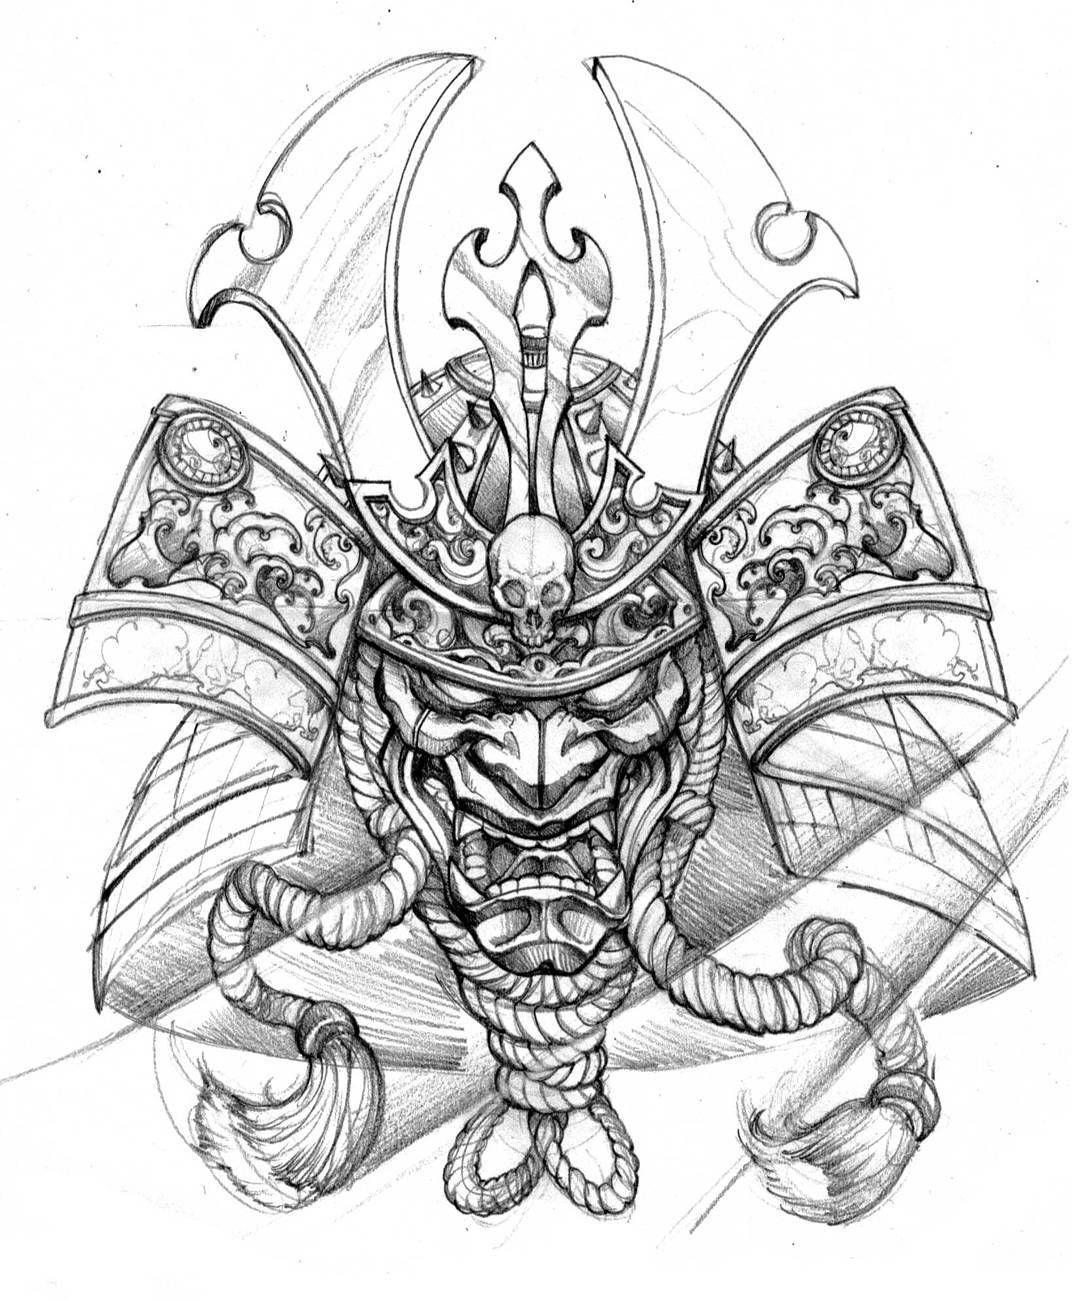 1080x1301 Matching Tattoo With Gaby Art3 Irezumi, Samurai